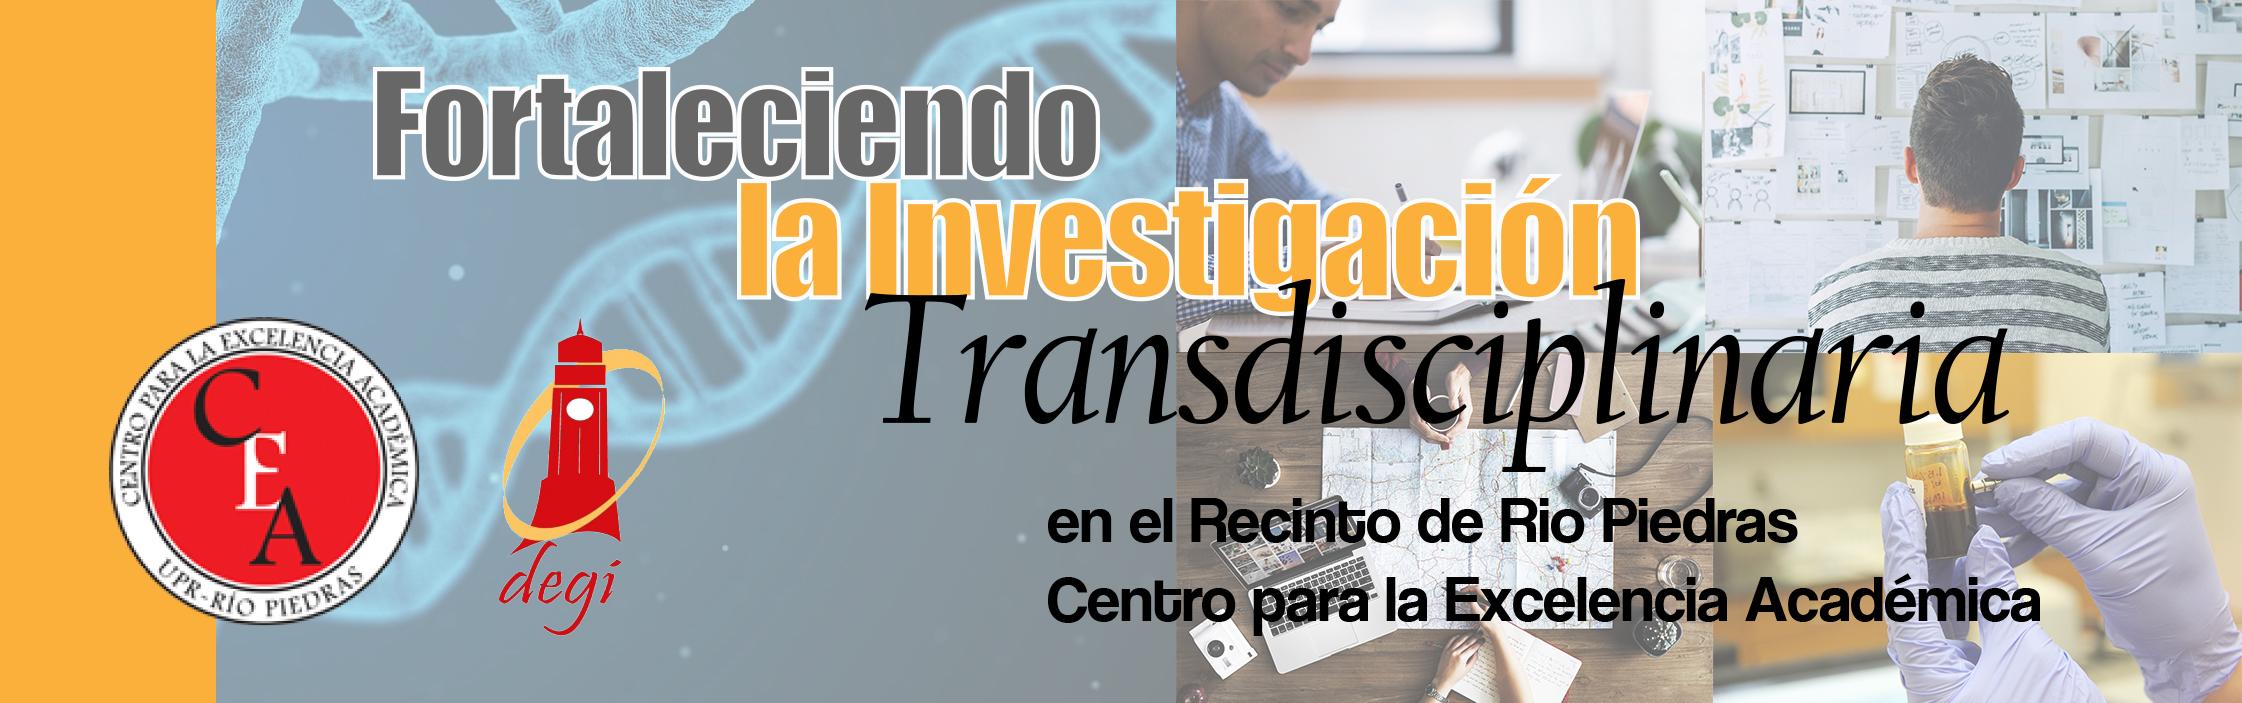 Banner investigacion transdiscipinaria